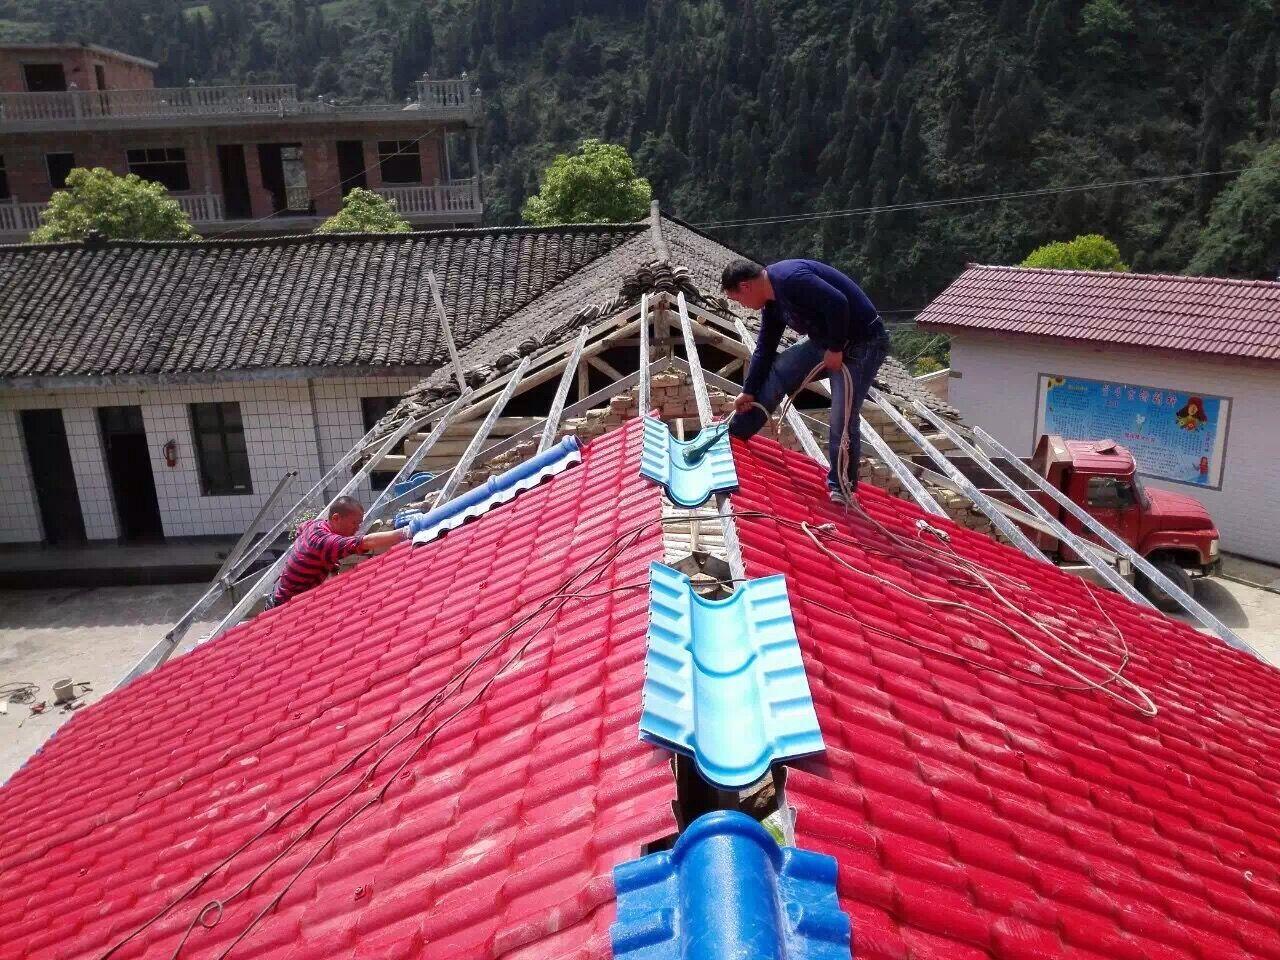 屋面瓦重要保护作用-正脊瓦和斜脊瓦